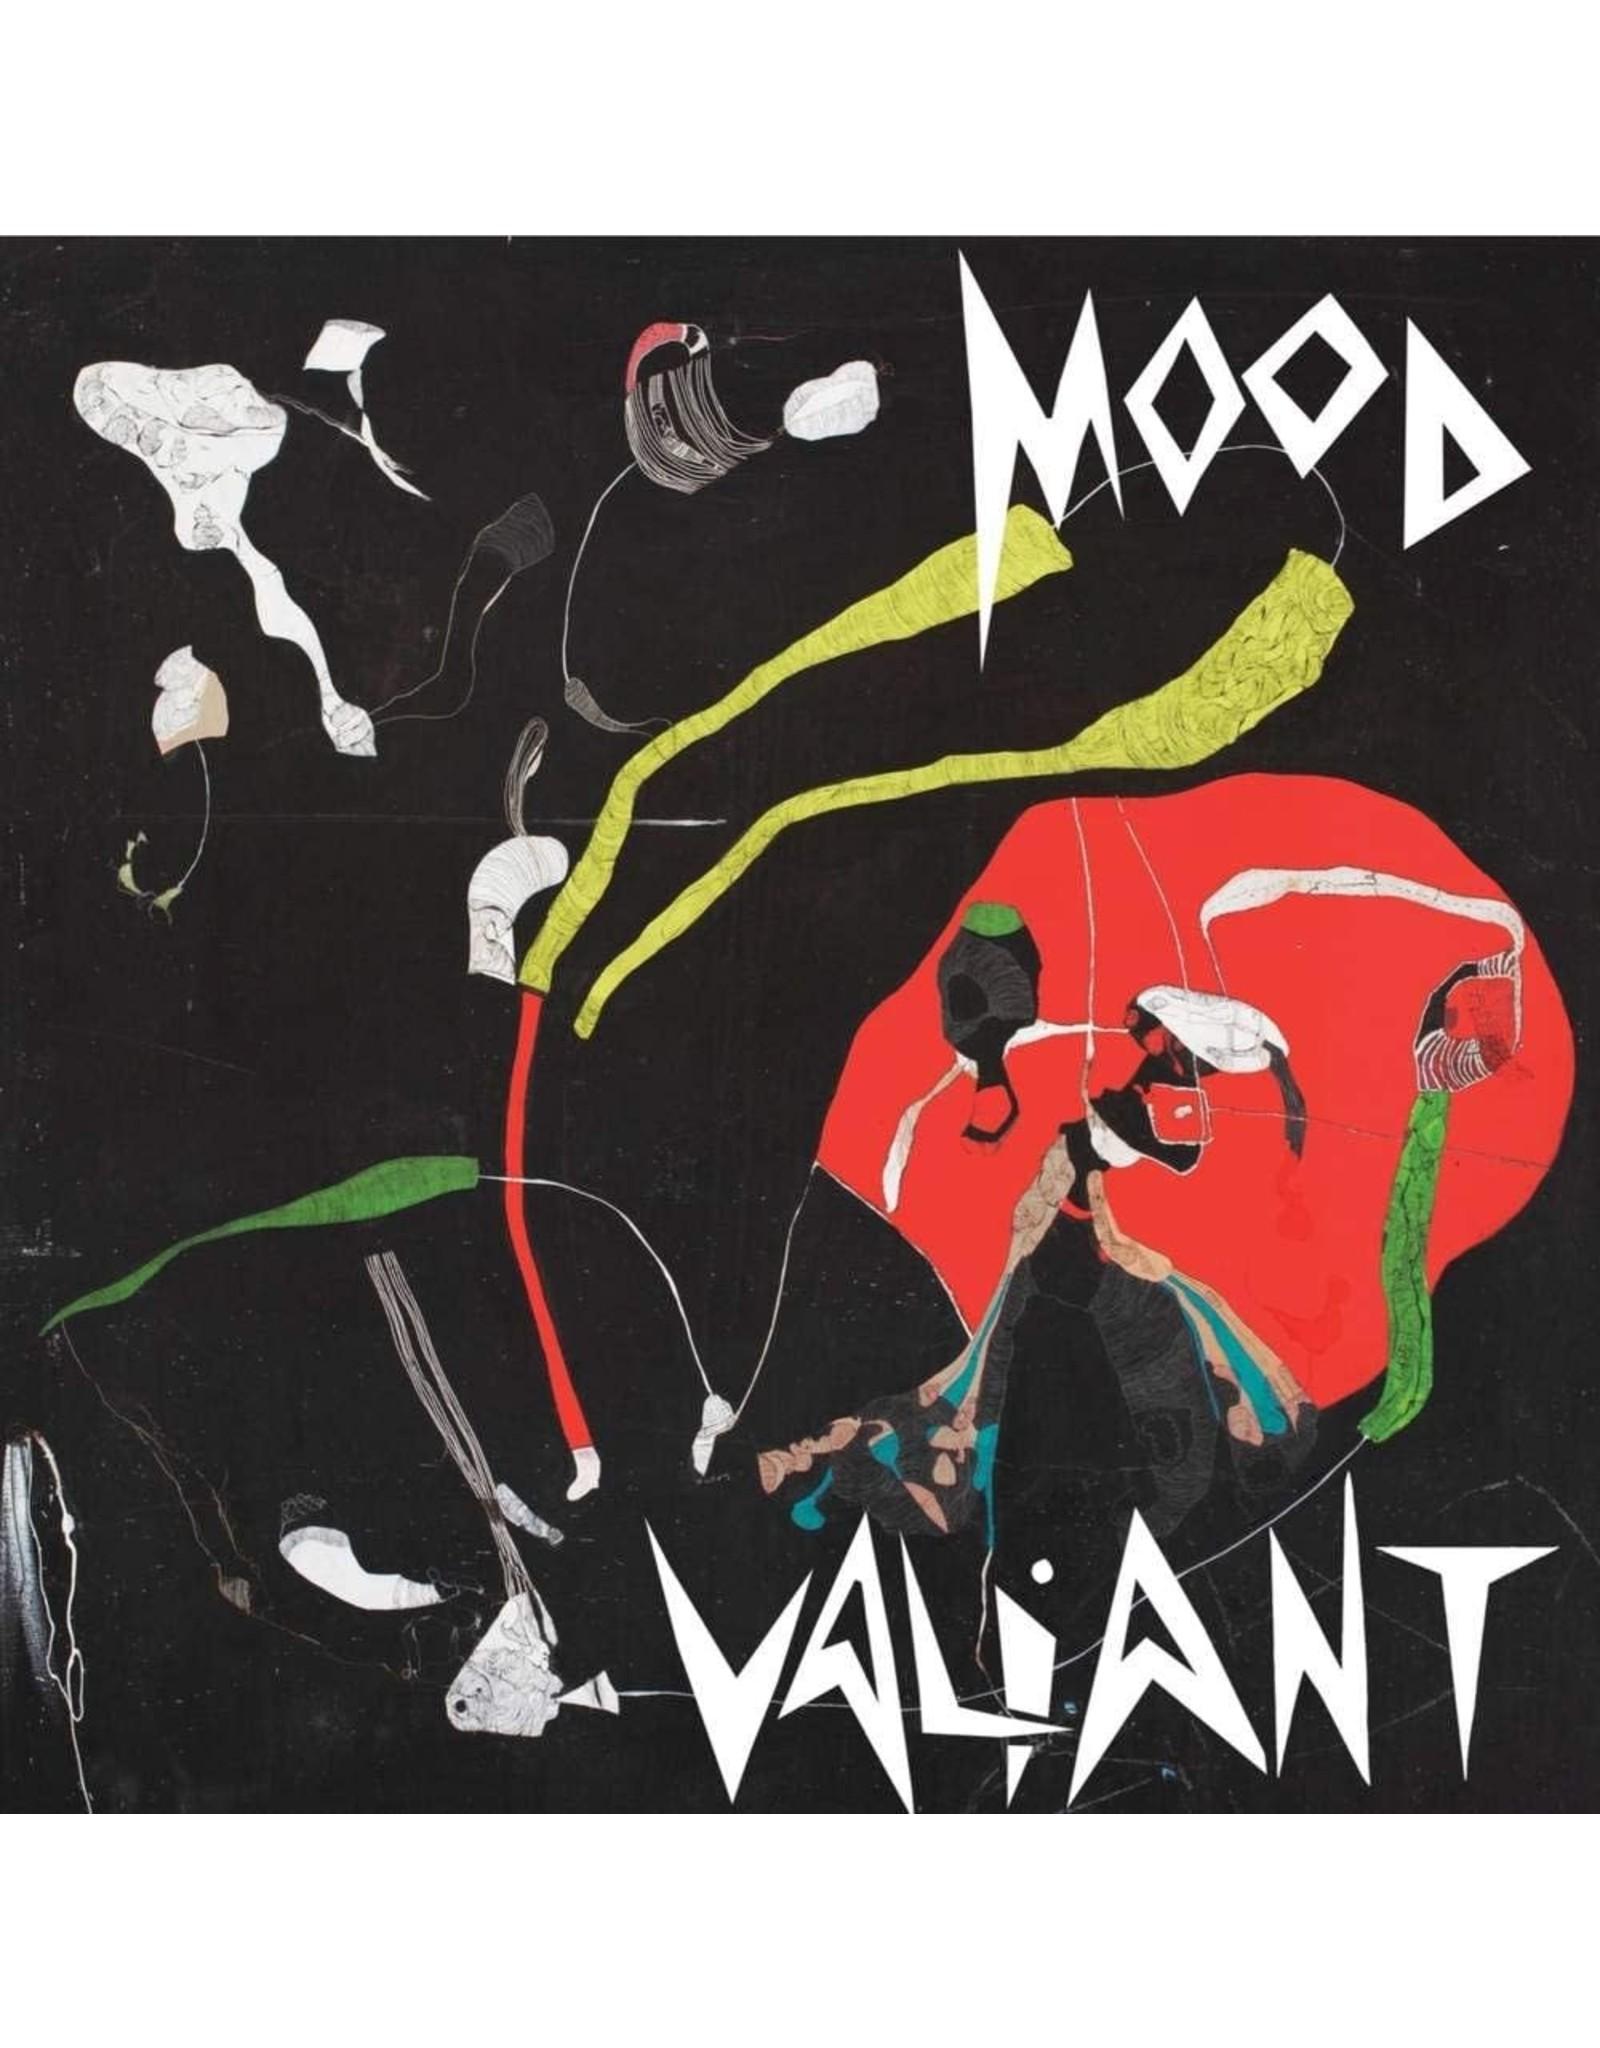 Hiatus Kaiyote - Mood Valiant (Exclusive Red / Black Vinyl)